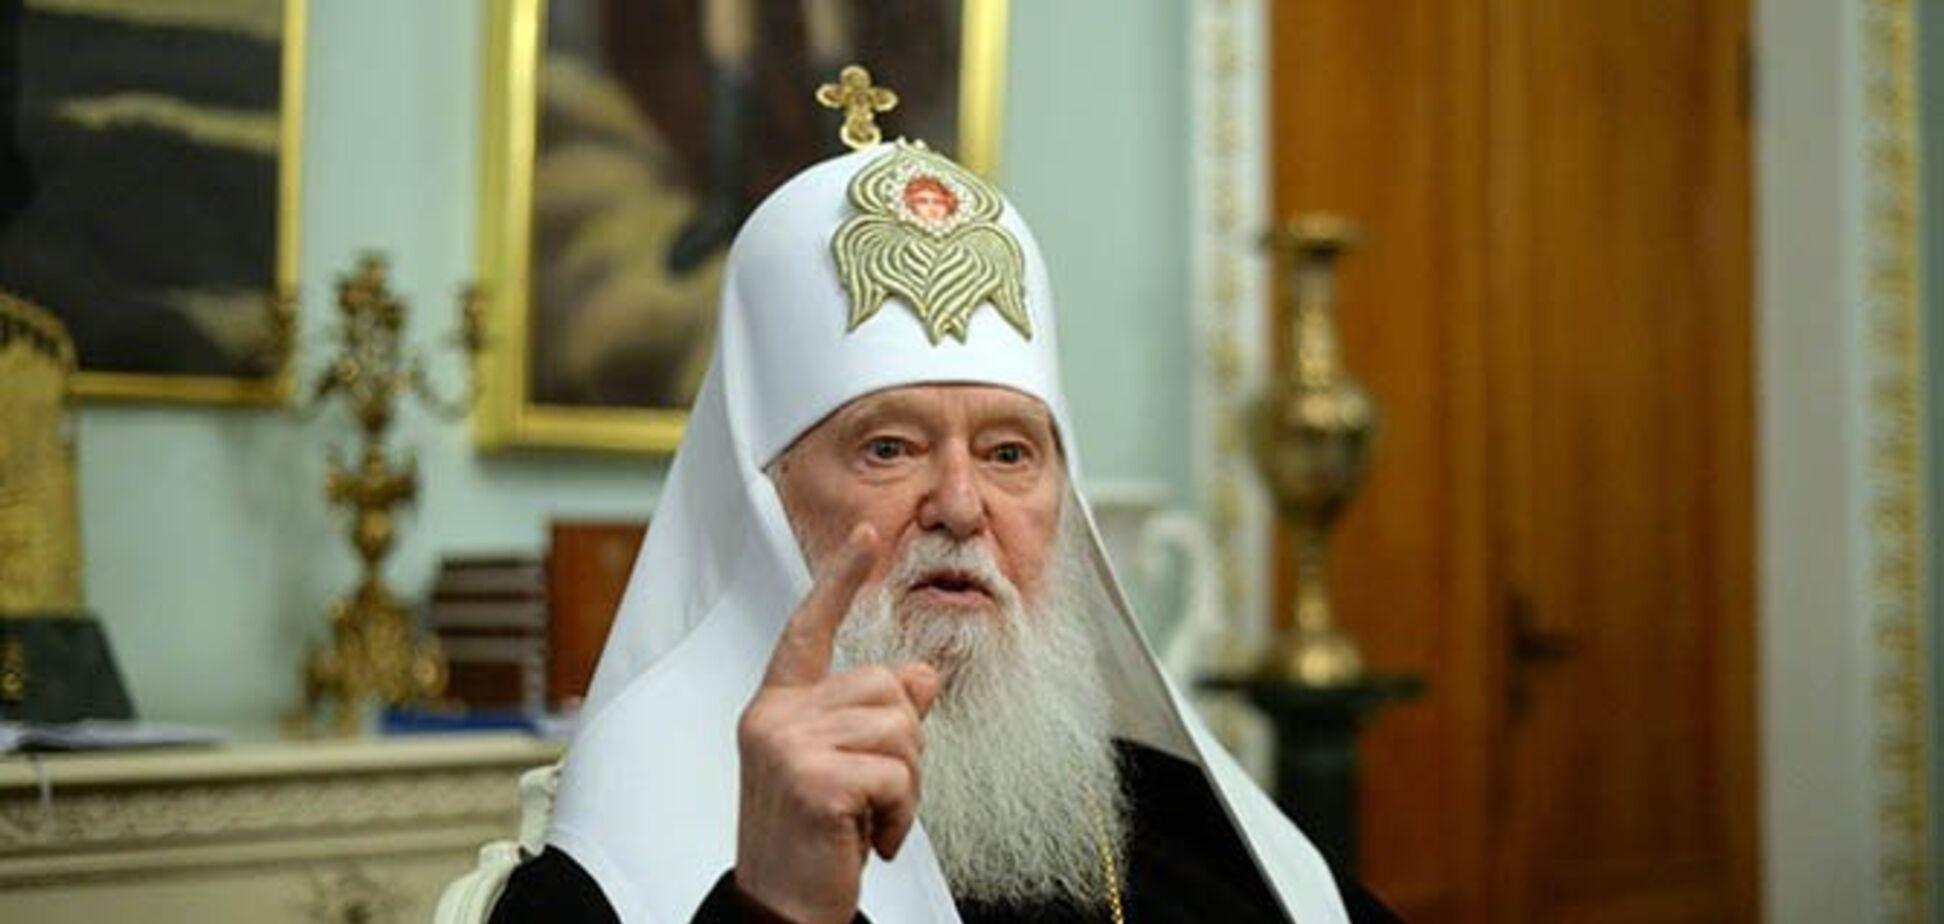 'Філарет розчарував Константинополь': Епіфаній розповів про церковну сварку